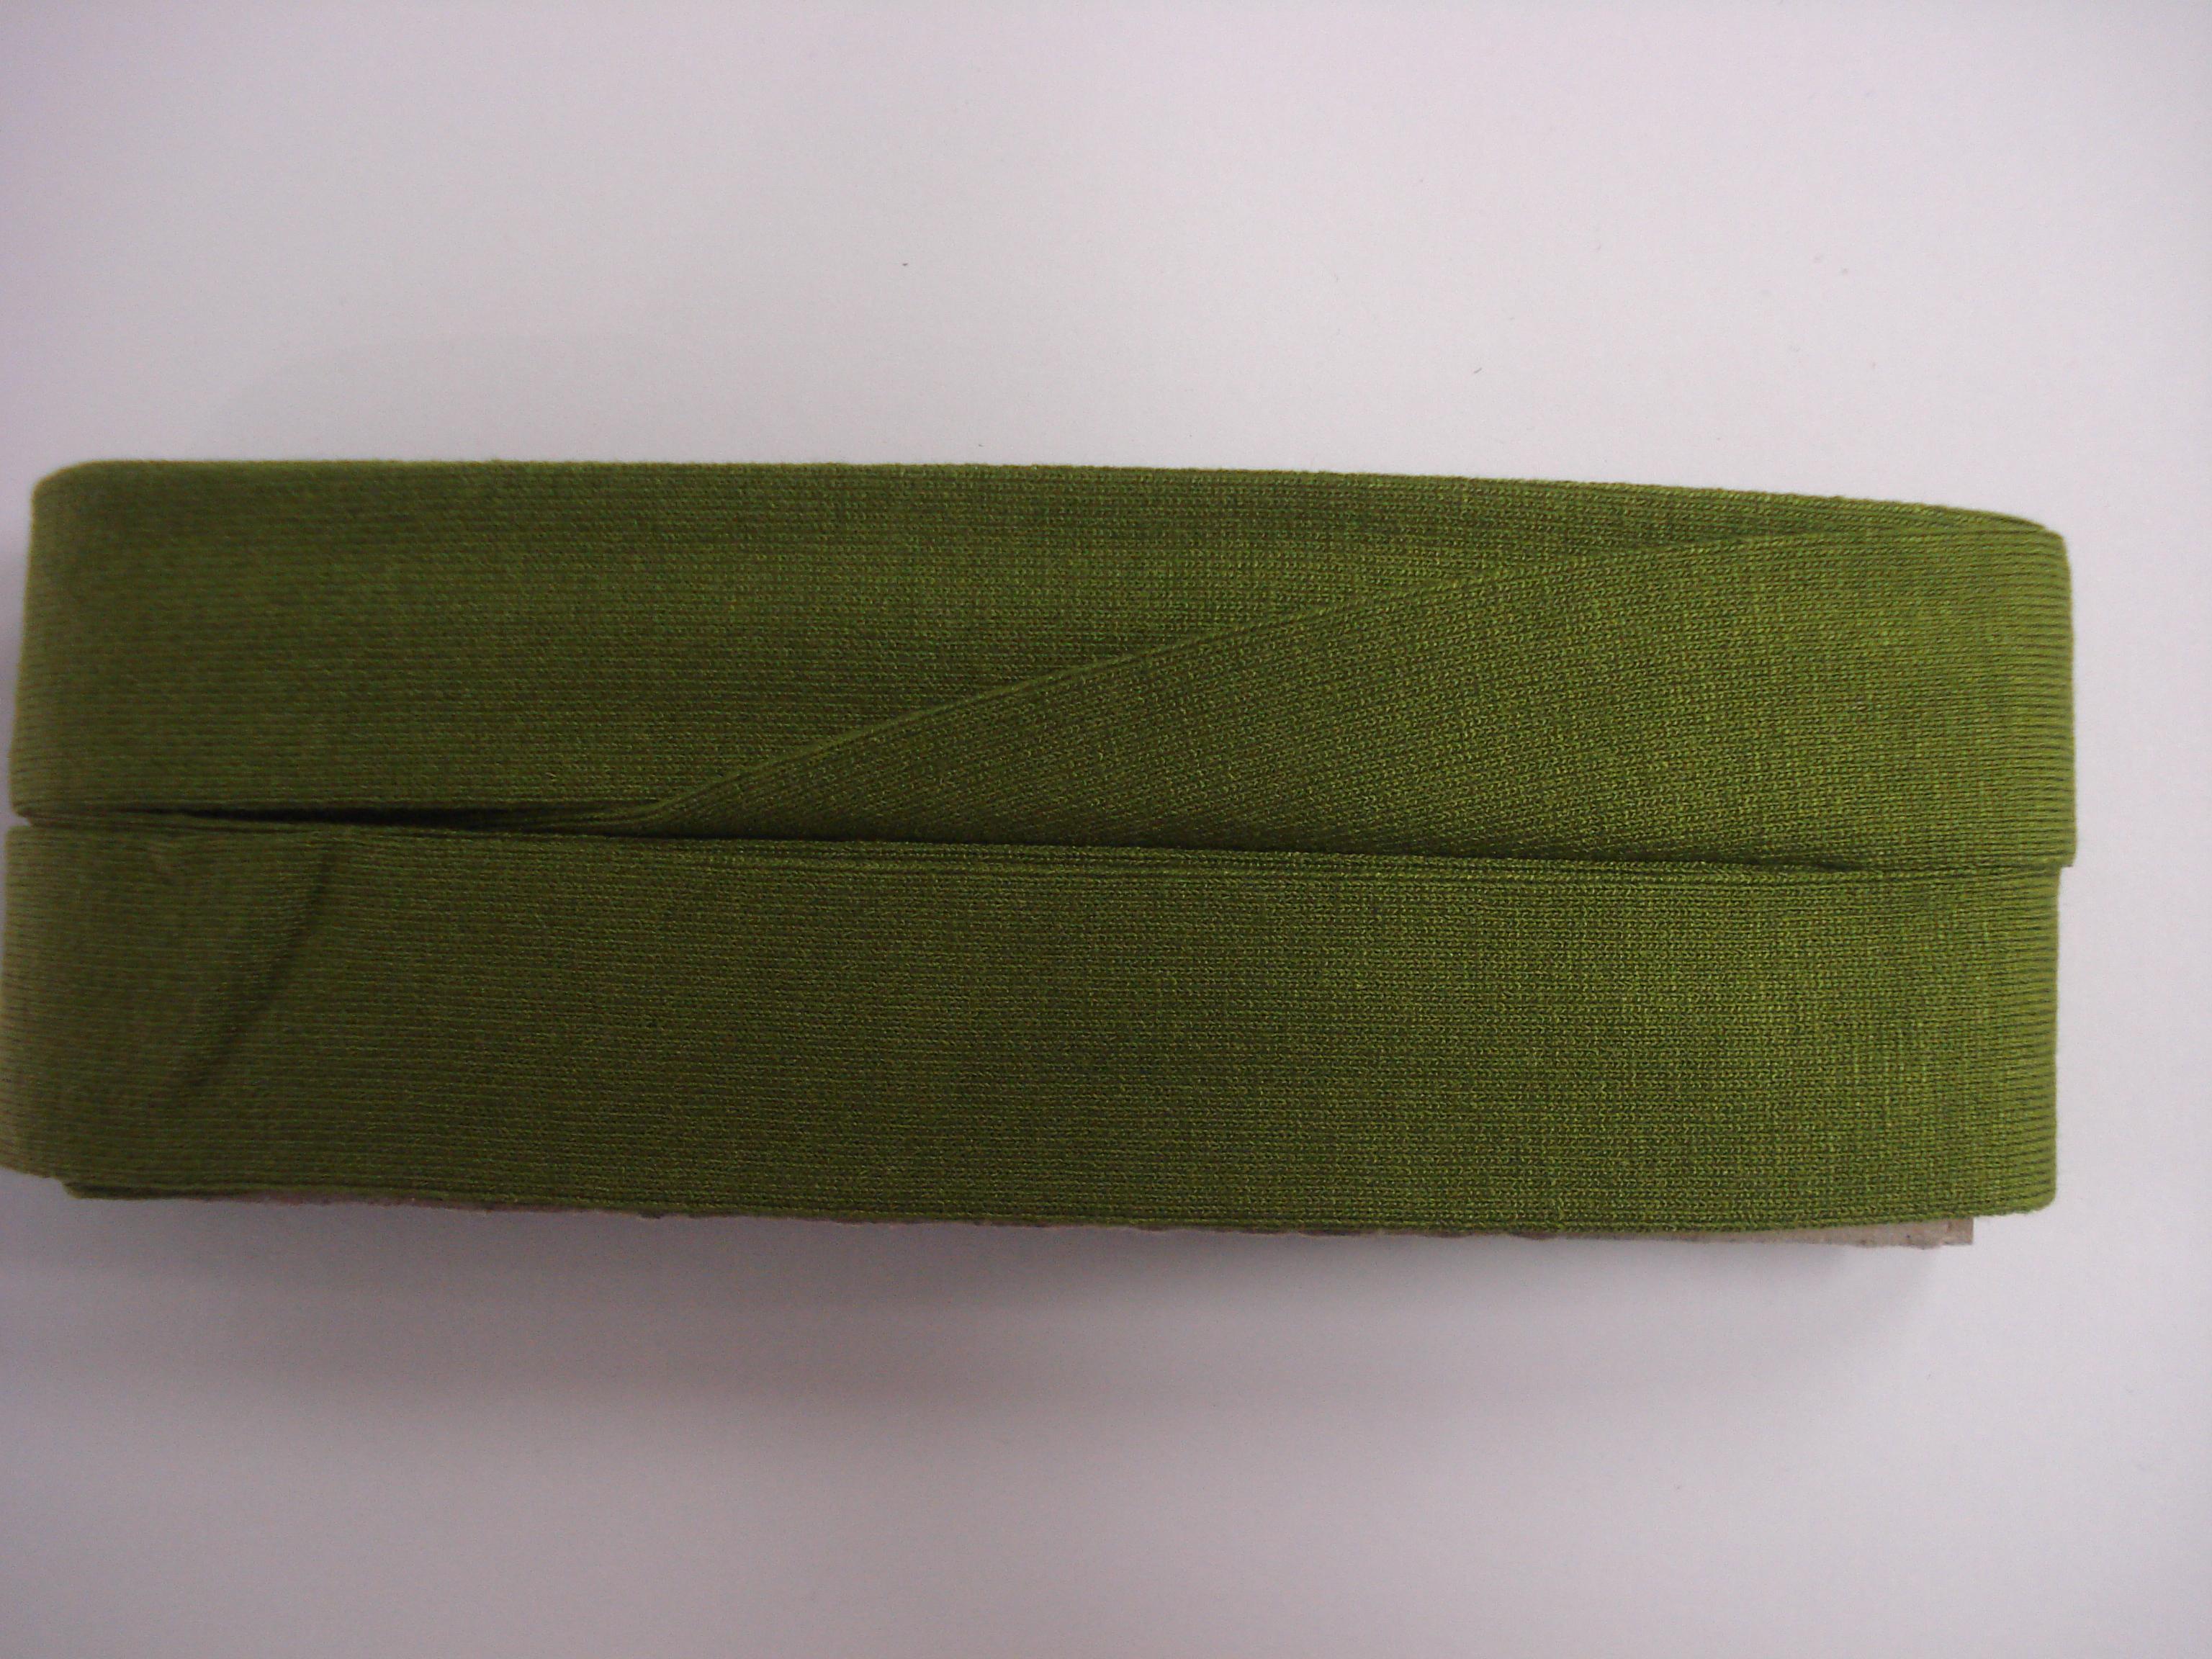 Biasband Tricot Groen